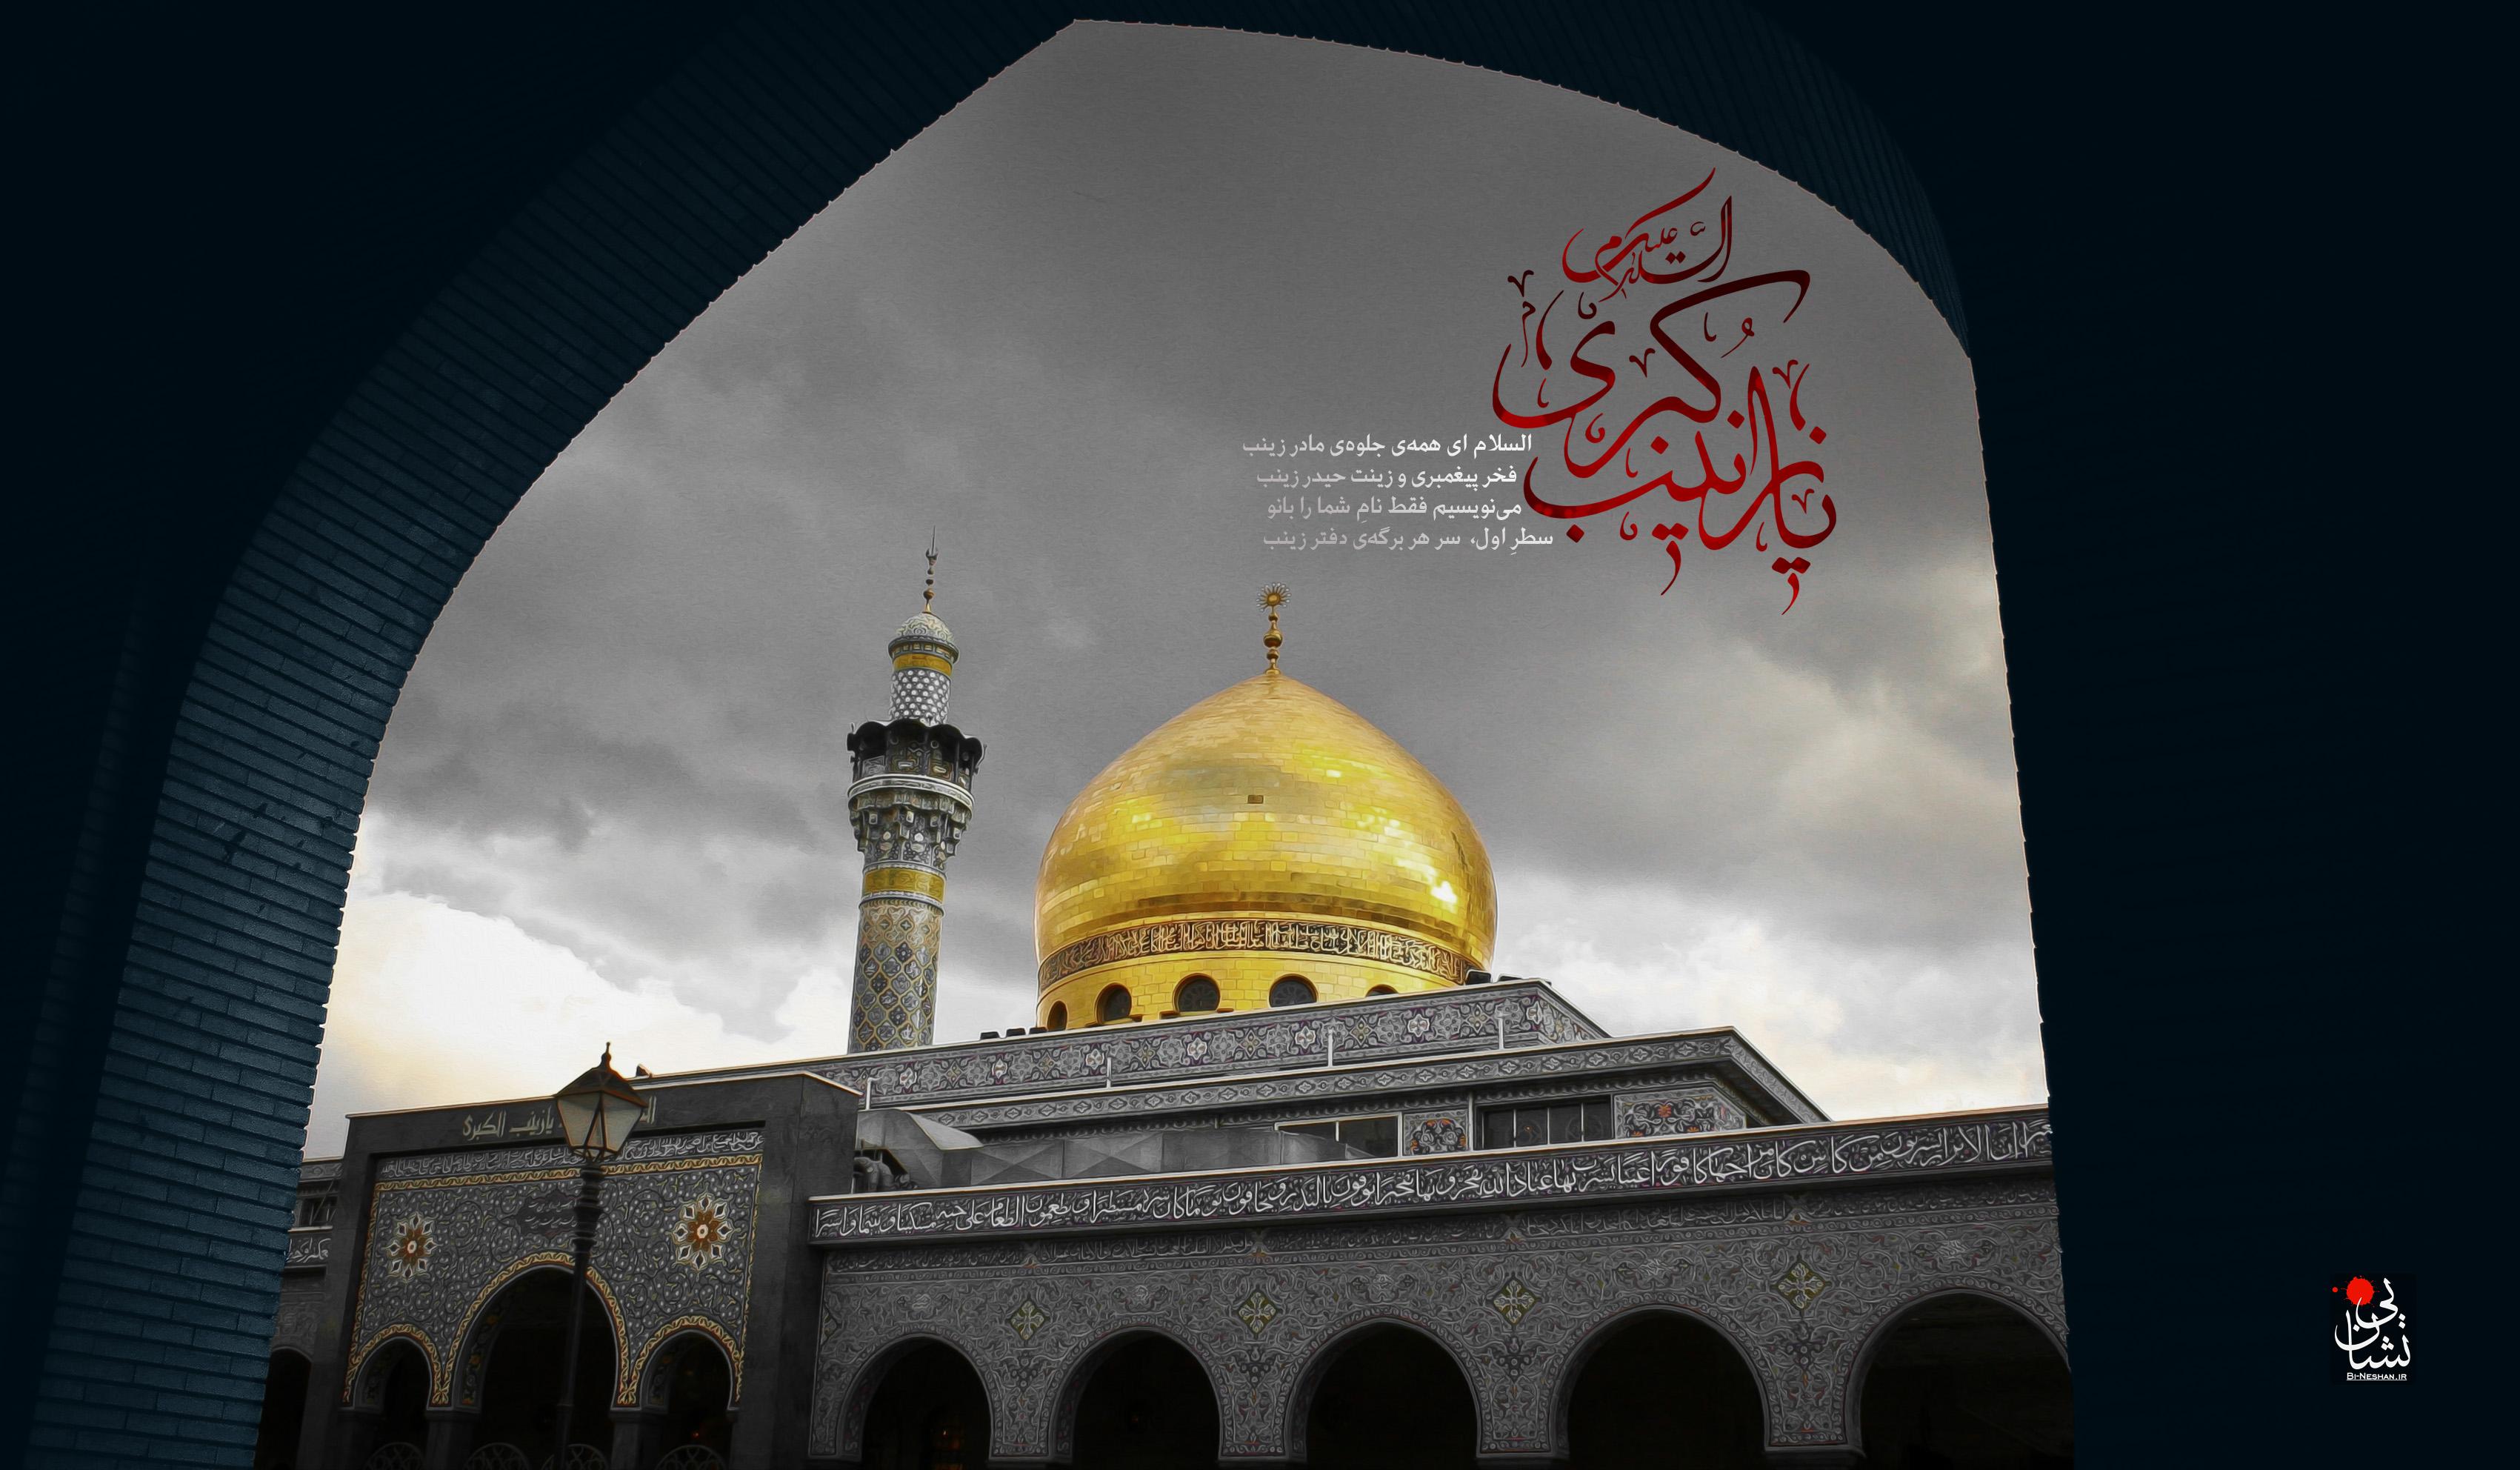 معجزاتی در حرم حضرت زینب(س)+